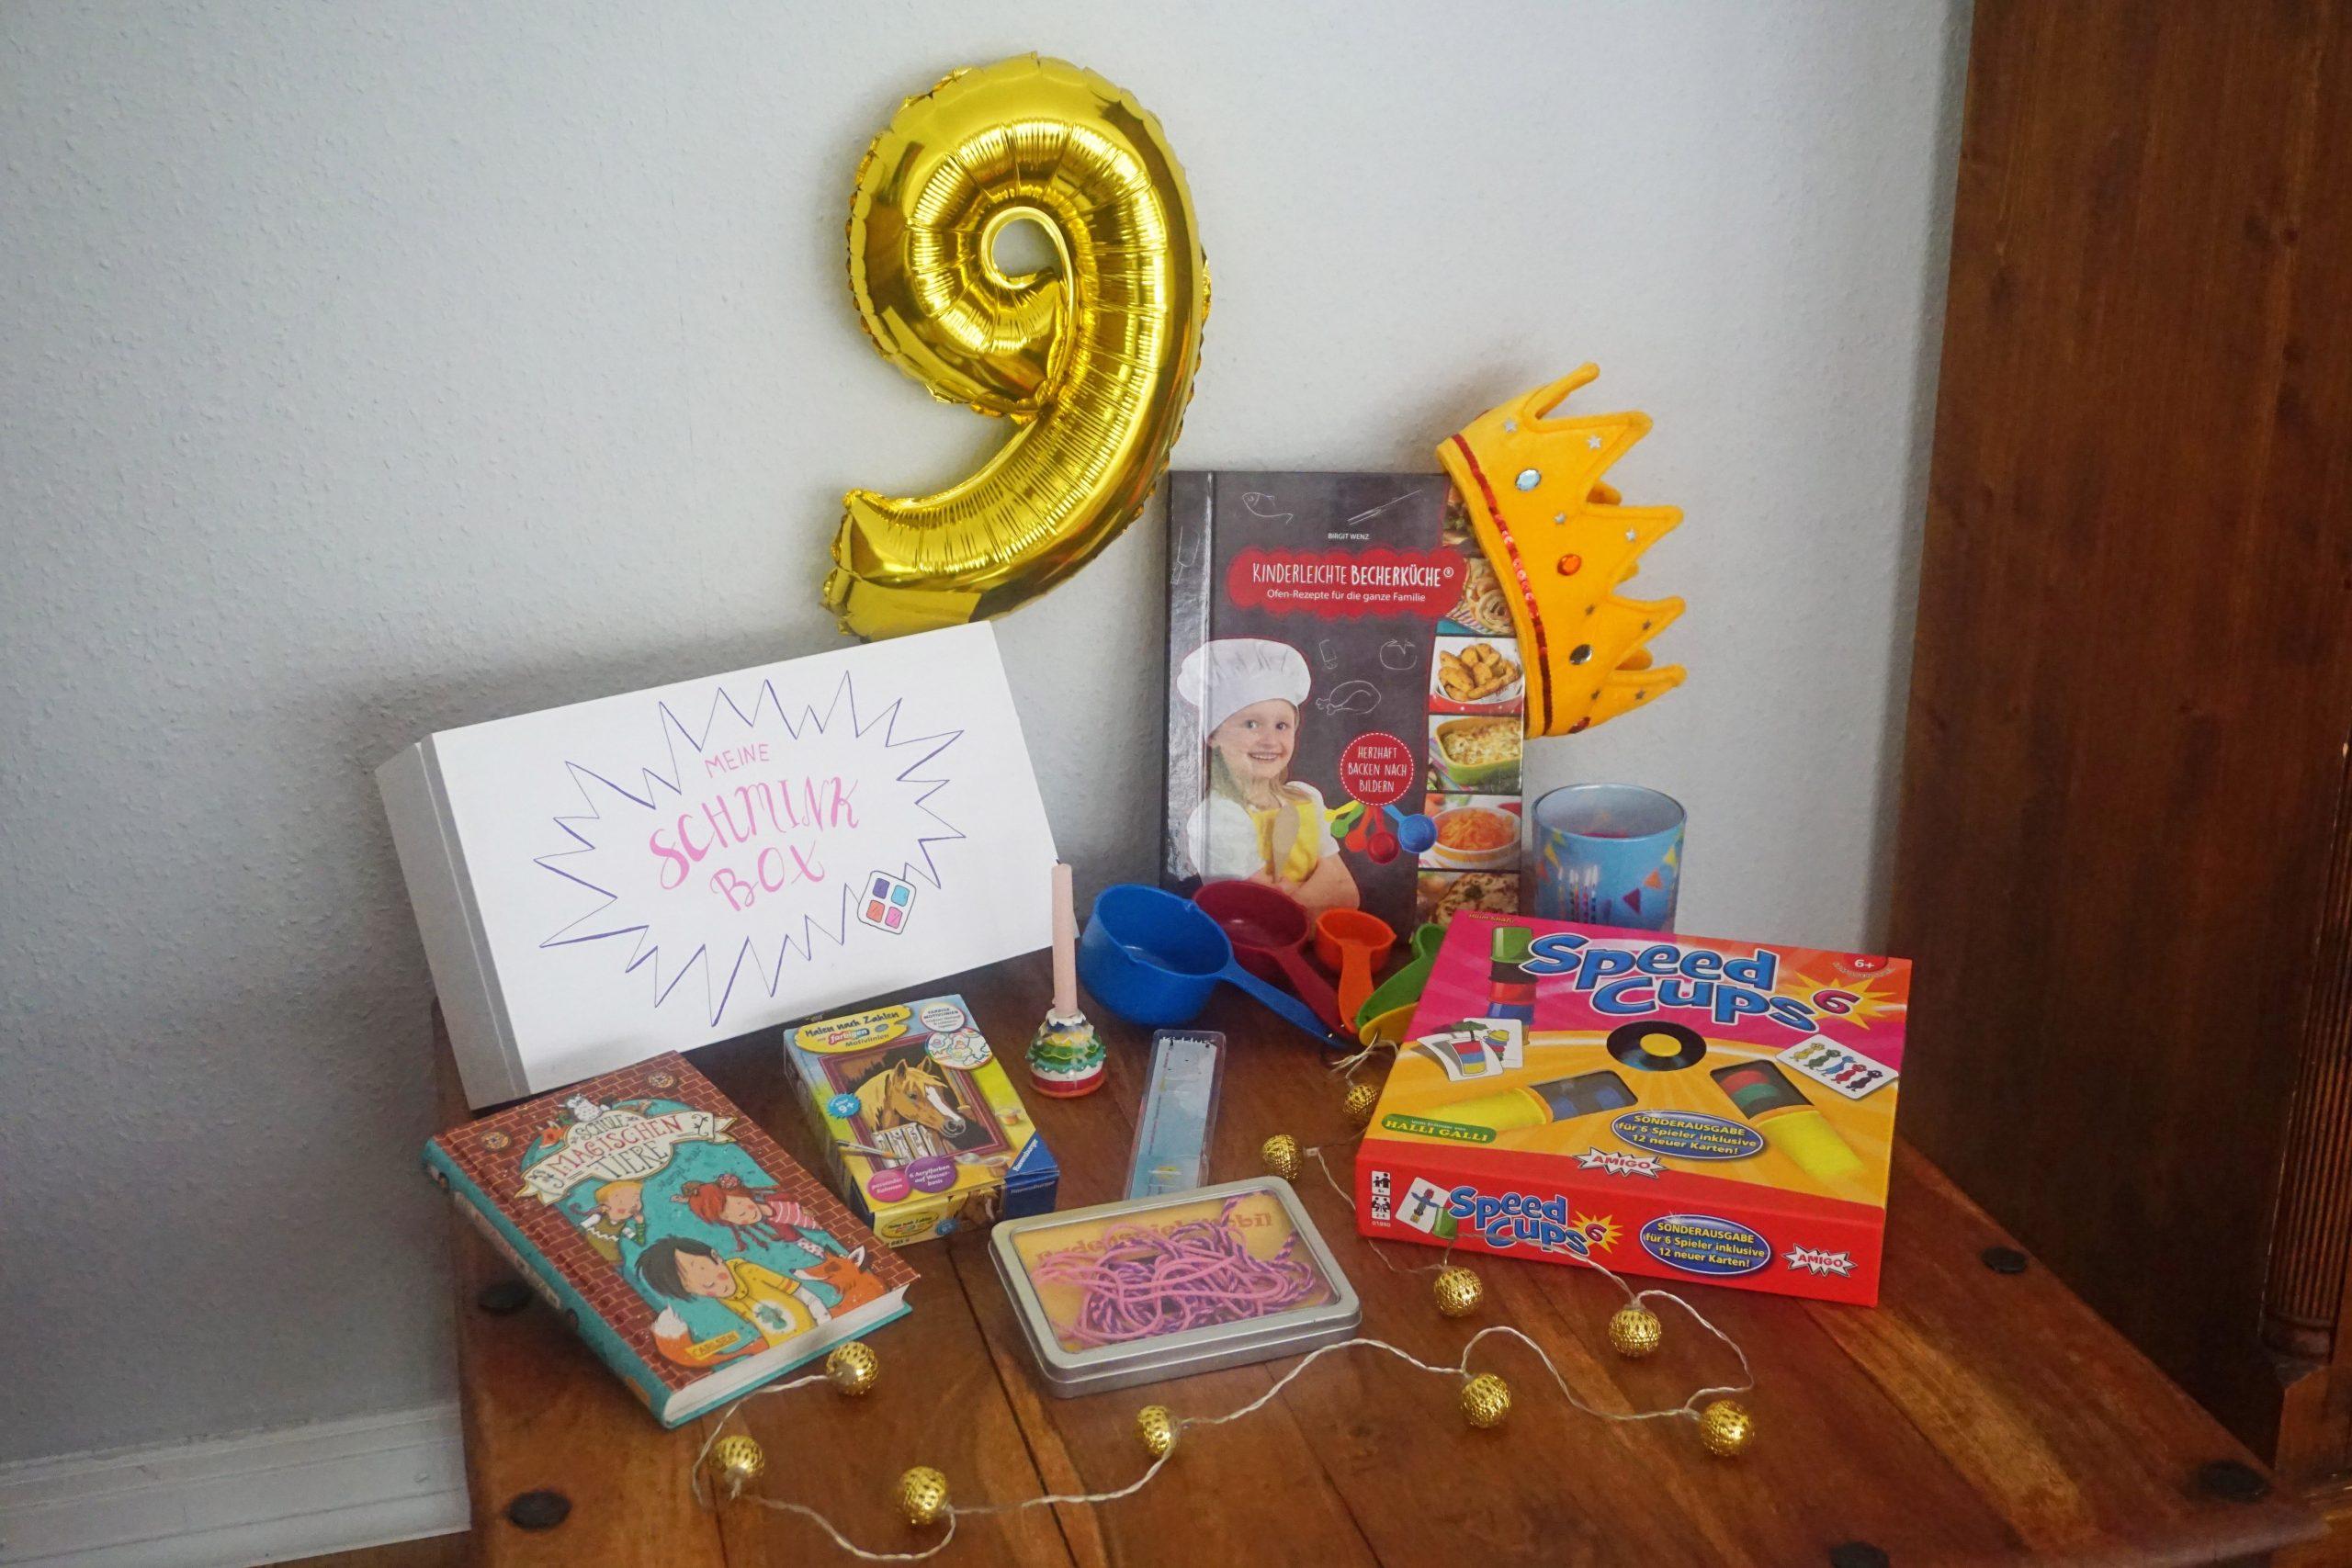 Schöne Geschenke Zum 9. Geburtstag - Mädchenmutter bei Geburtstagsgeschenk Mädchen 8 Jahre